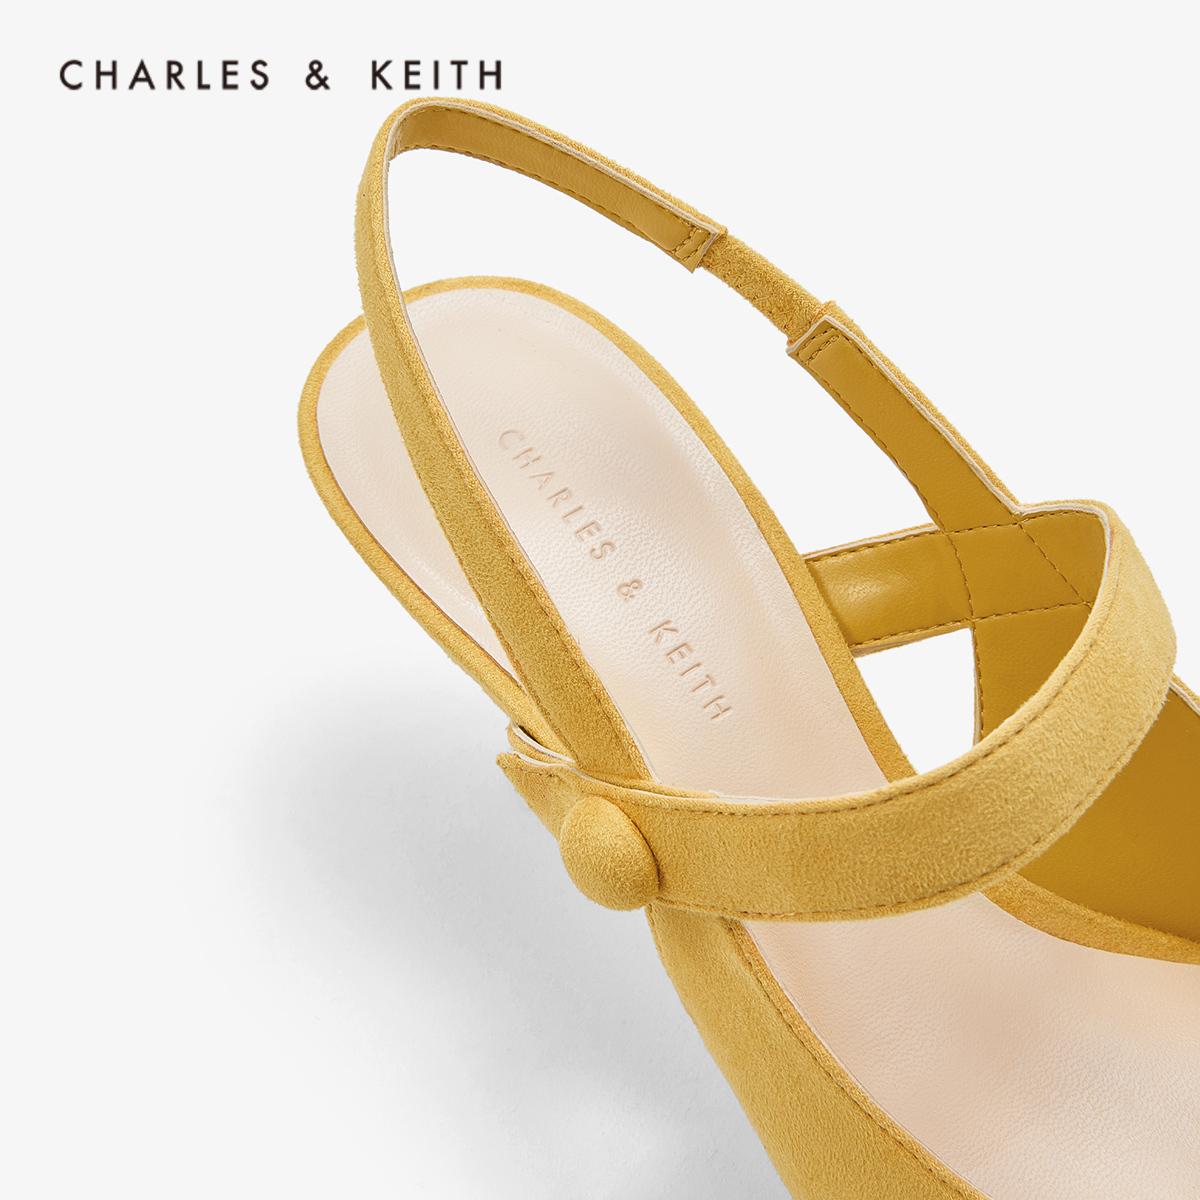 绊带饰女士方头高跟鞋 61680049 CK1 低帮鞋 KEITH & CHARLES